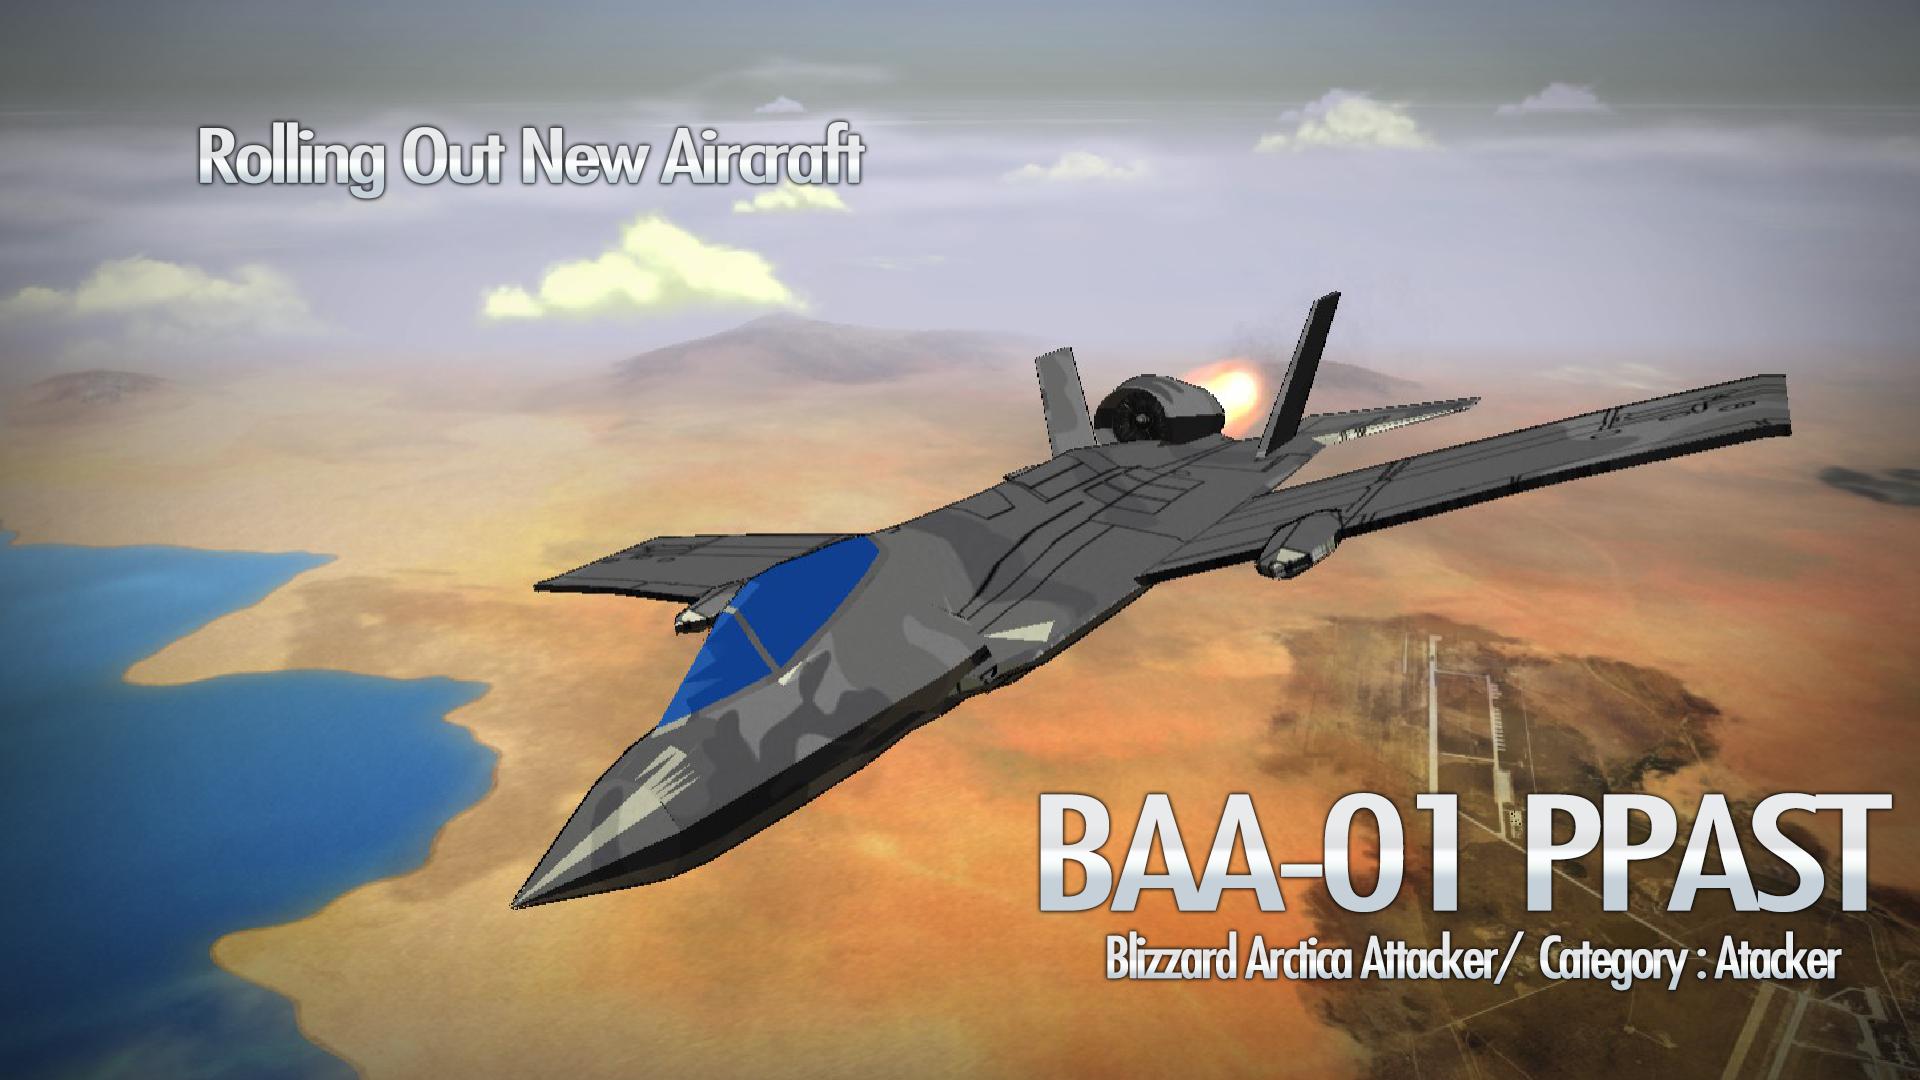 BAA 01